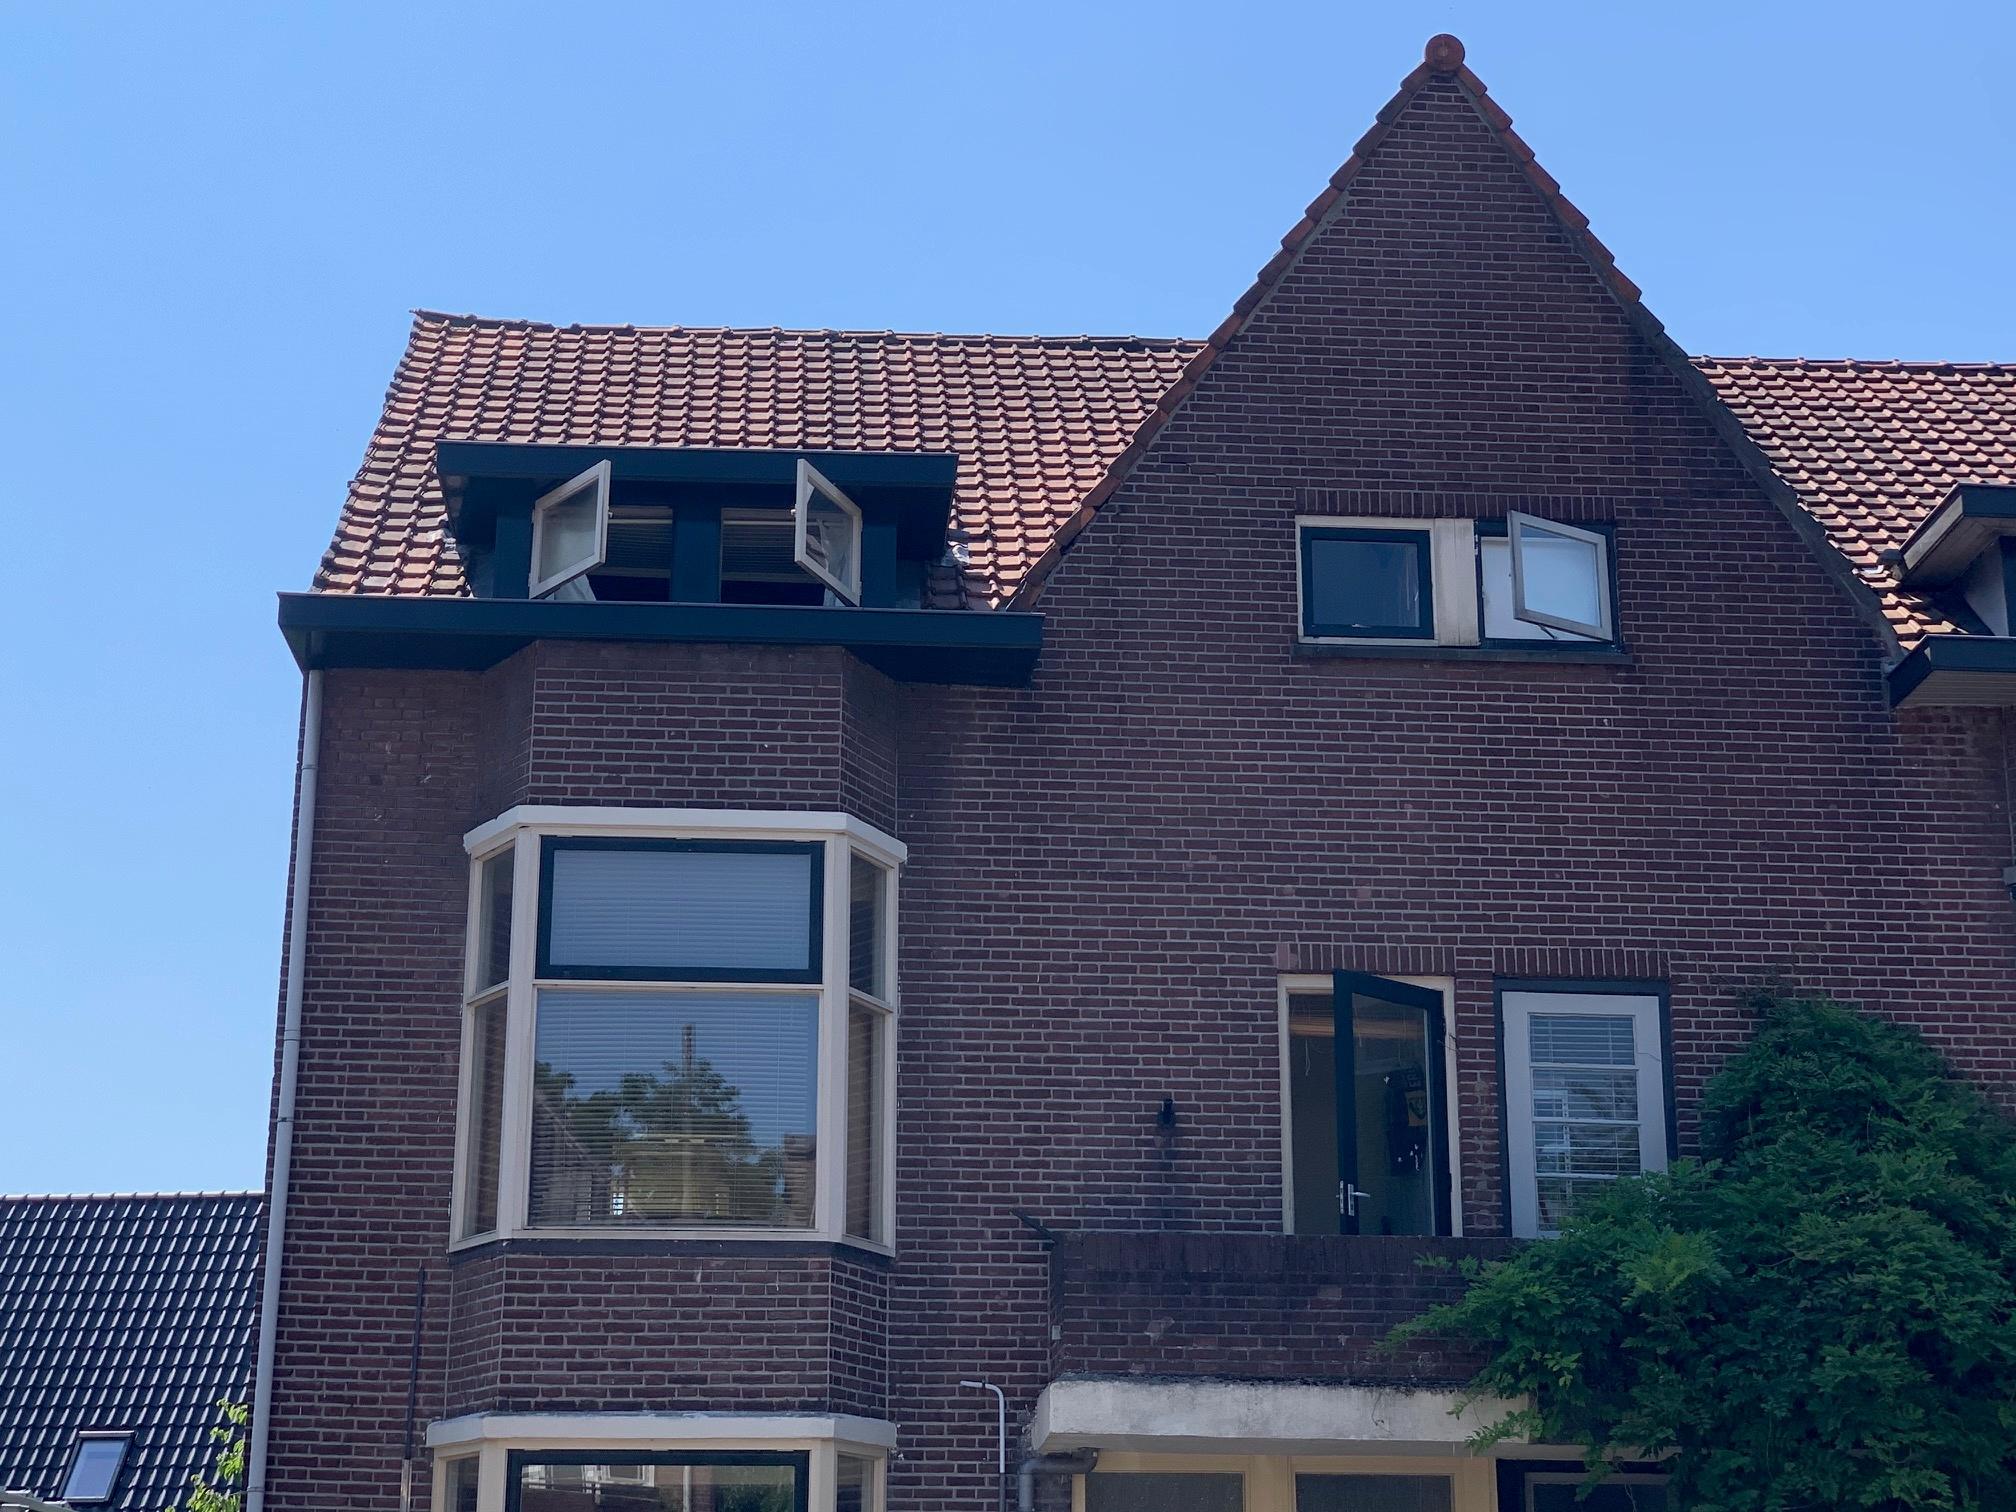 Haagweg 361